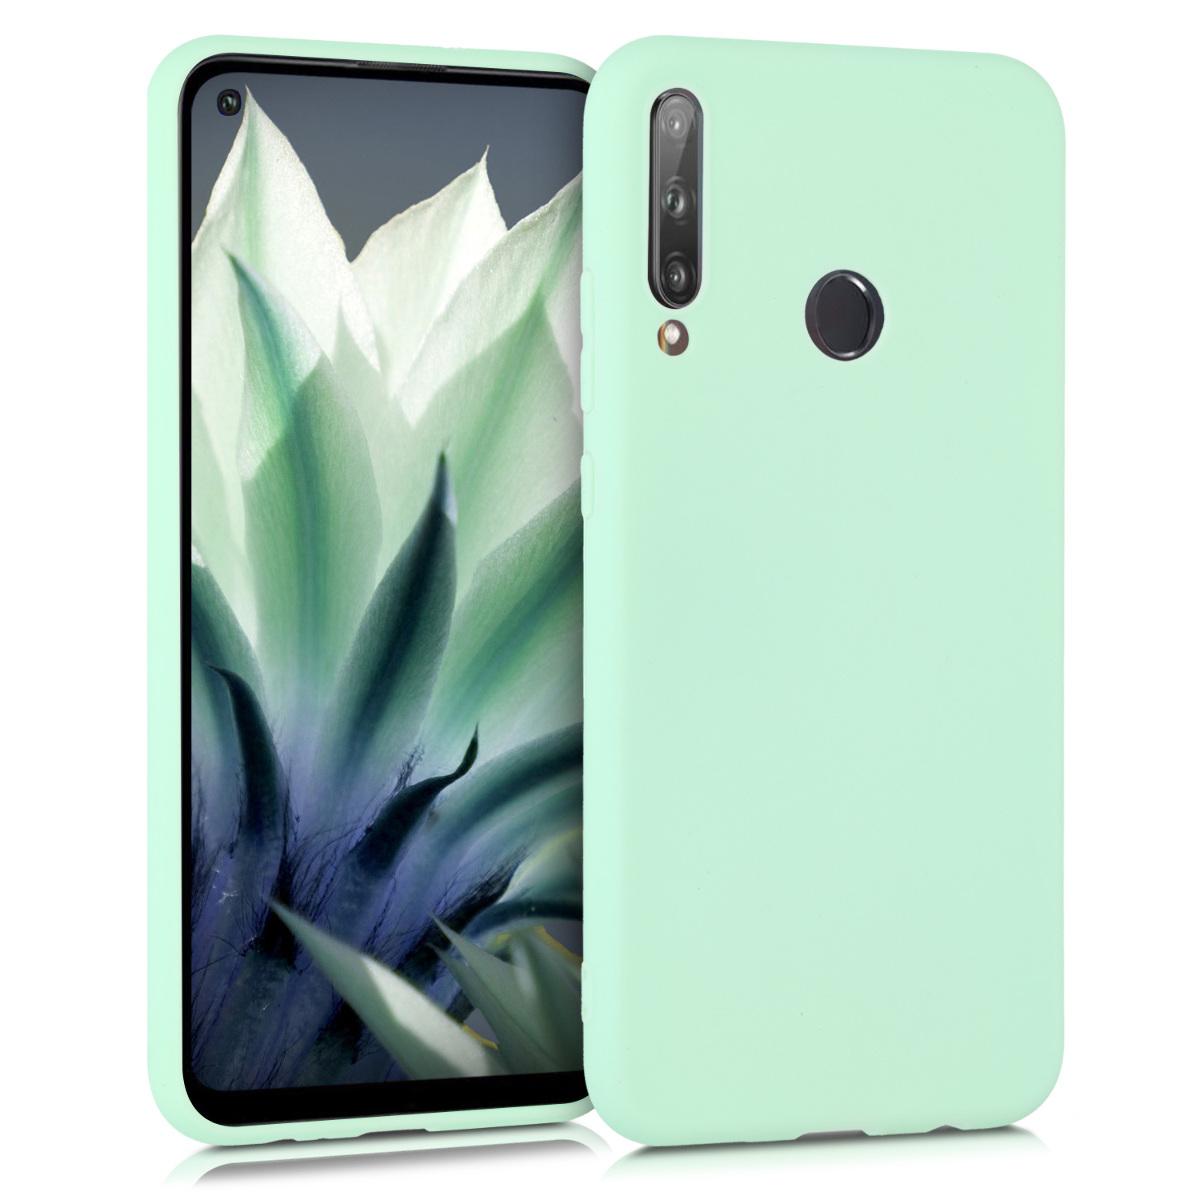 Zelené mint silikonové pouzdro / obal pro Huawei P40 Lite E